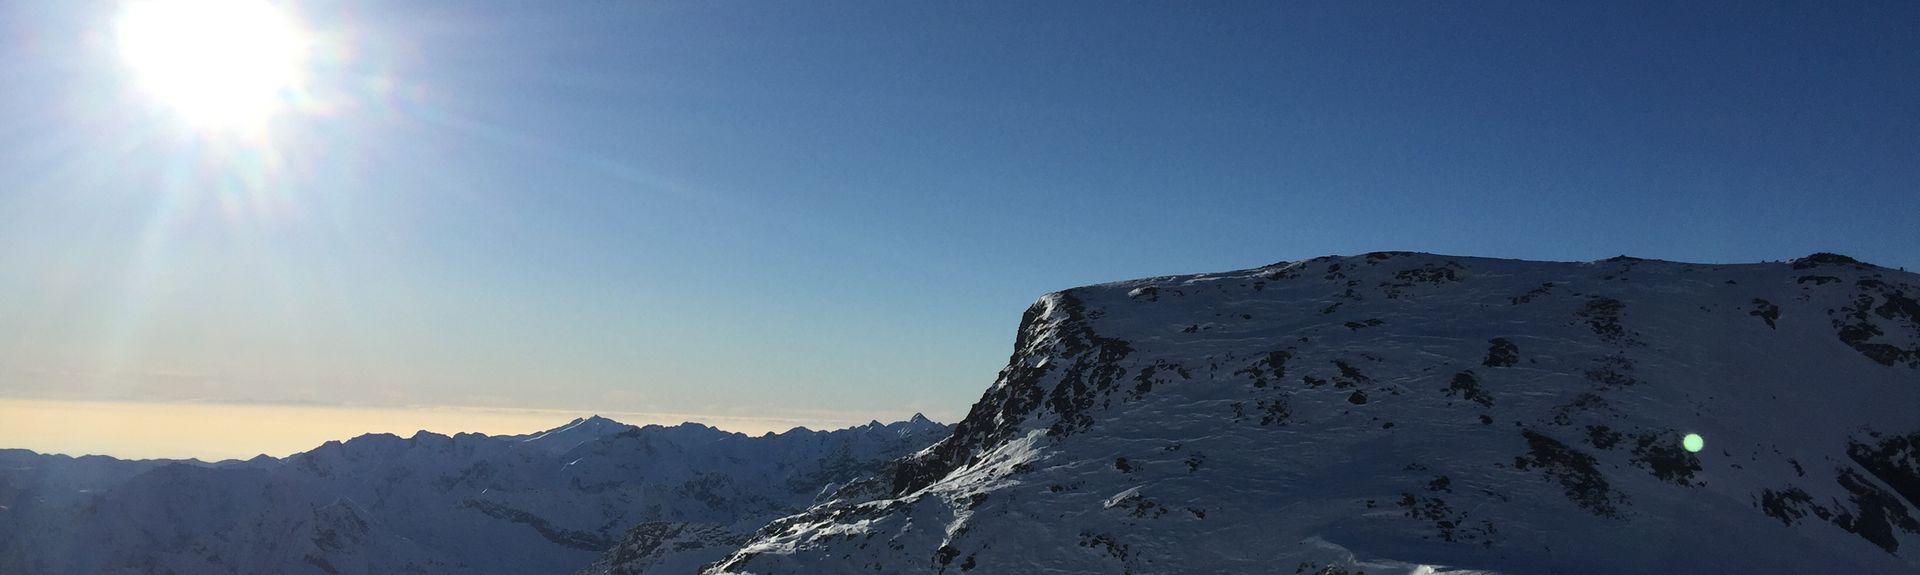 Verres, Valle d'Aosta, Italy